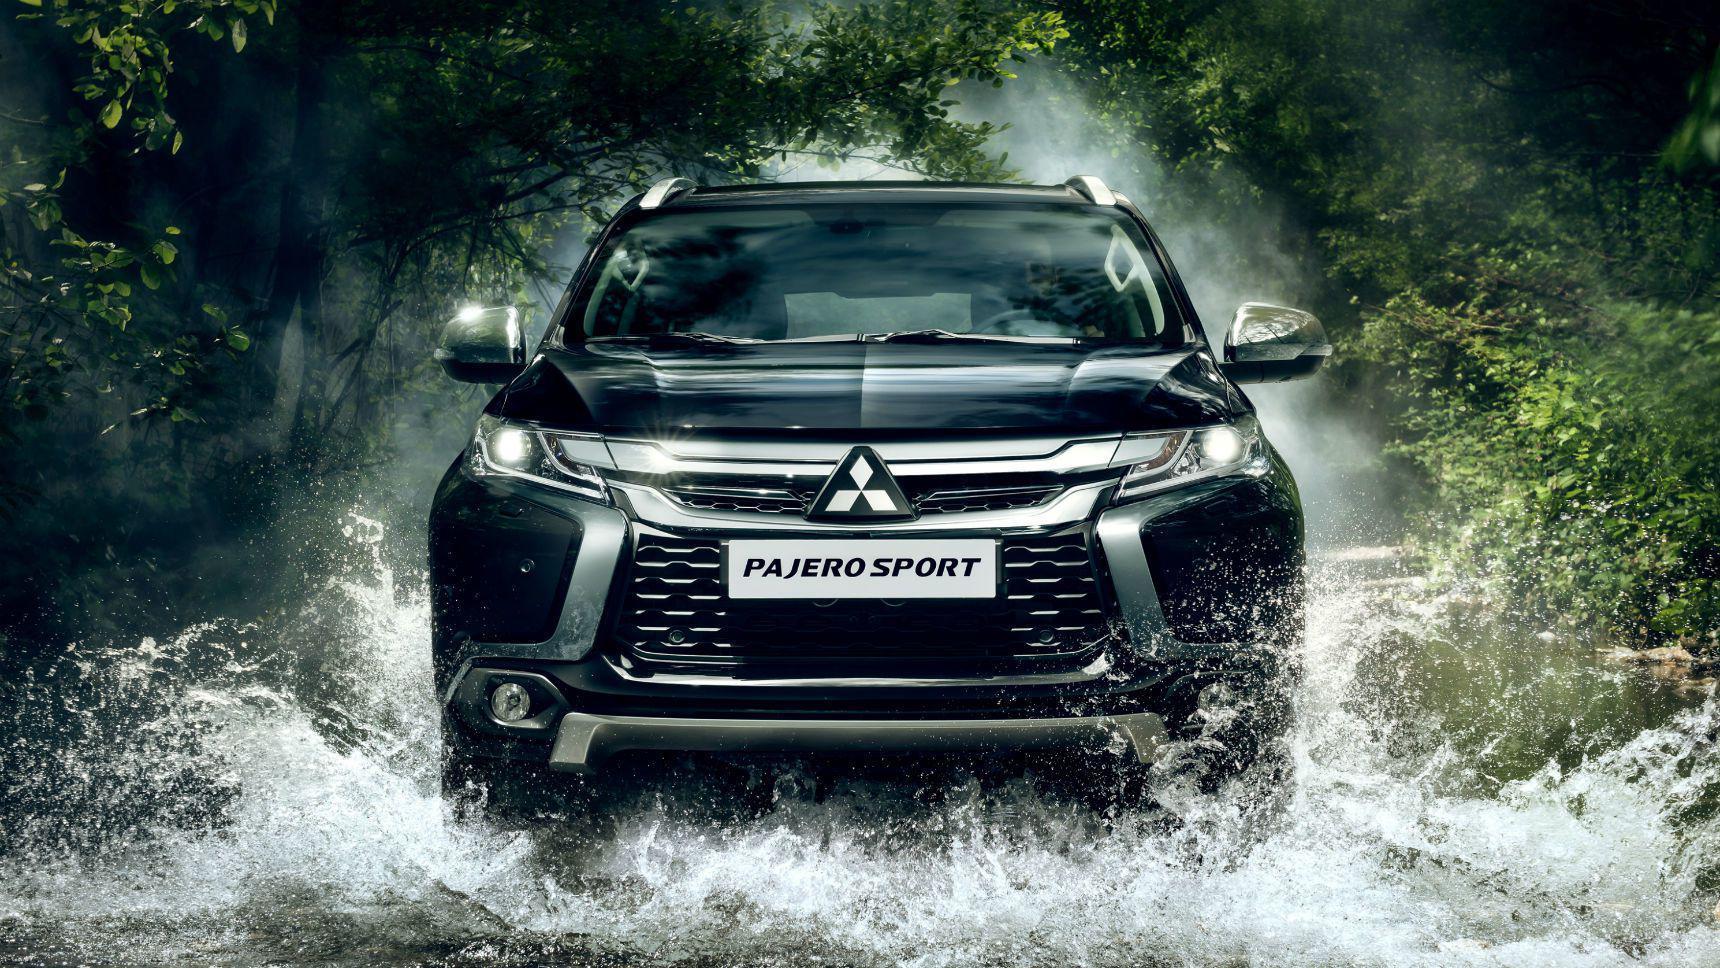 Mitsubishi postepenno otkazyvaetsya ot dizelnyh motorov